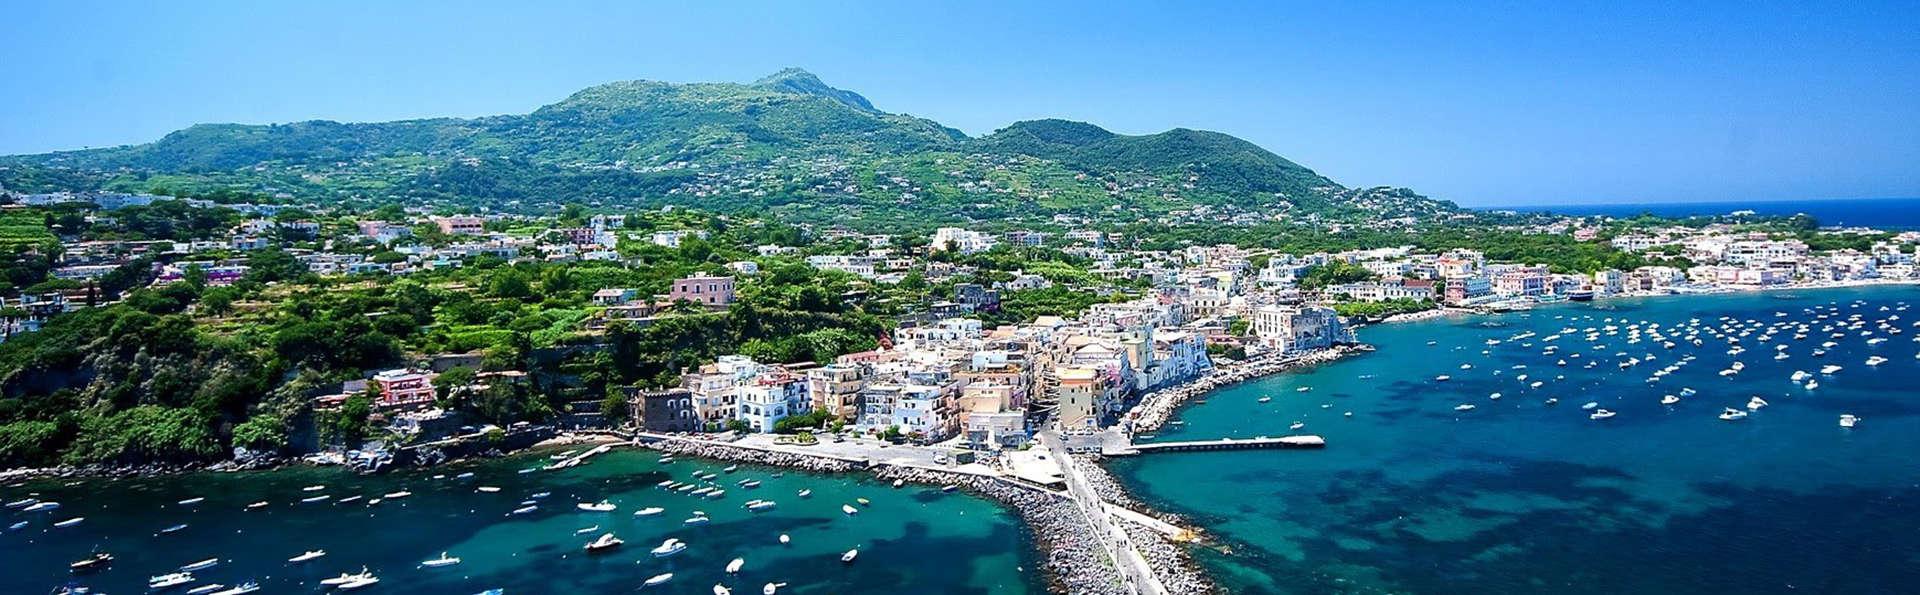 Magnifique séjour sur l'île verte d'Ischia